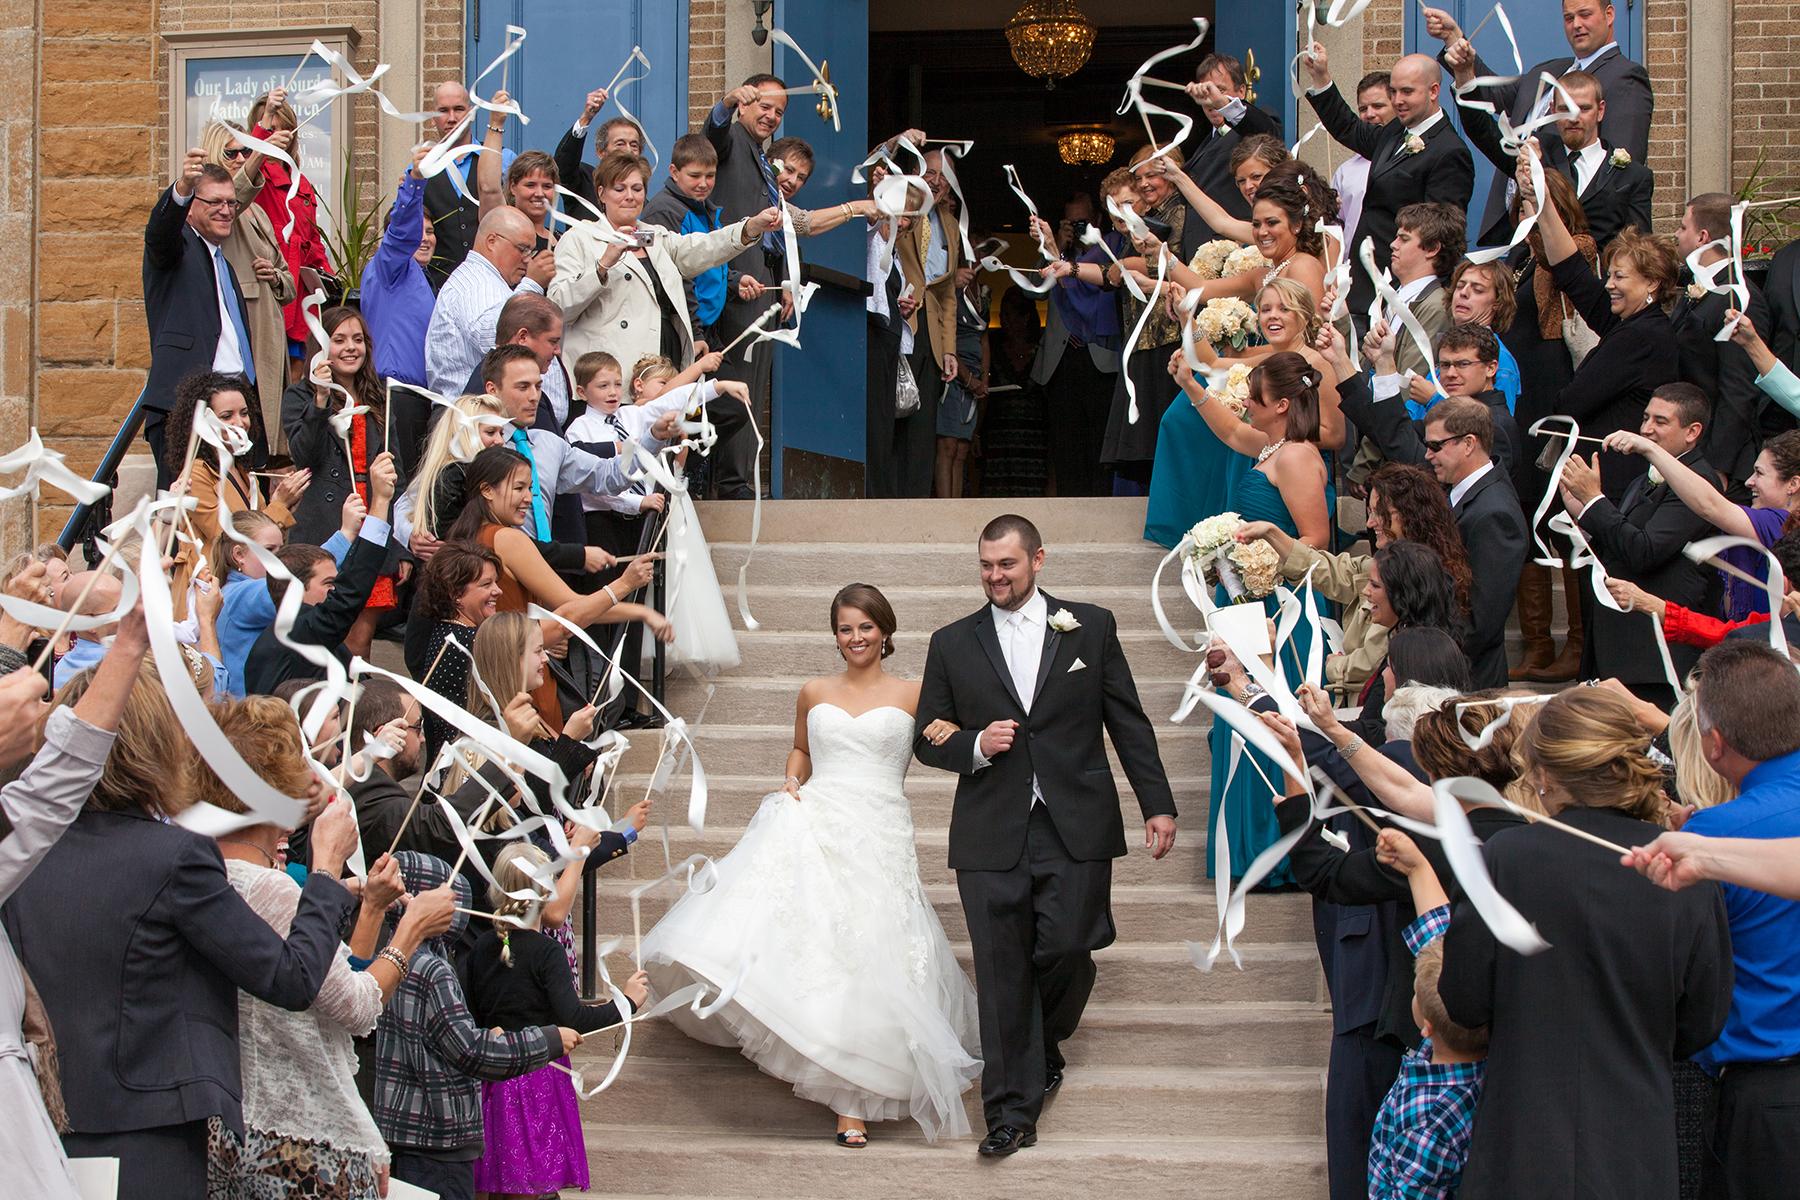 Our Lady of Lourdes Minneapolis MN wedding